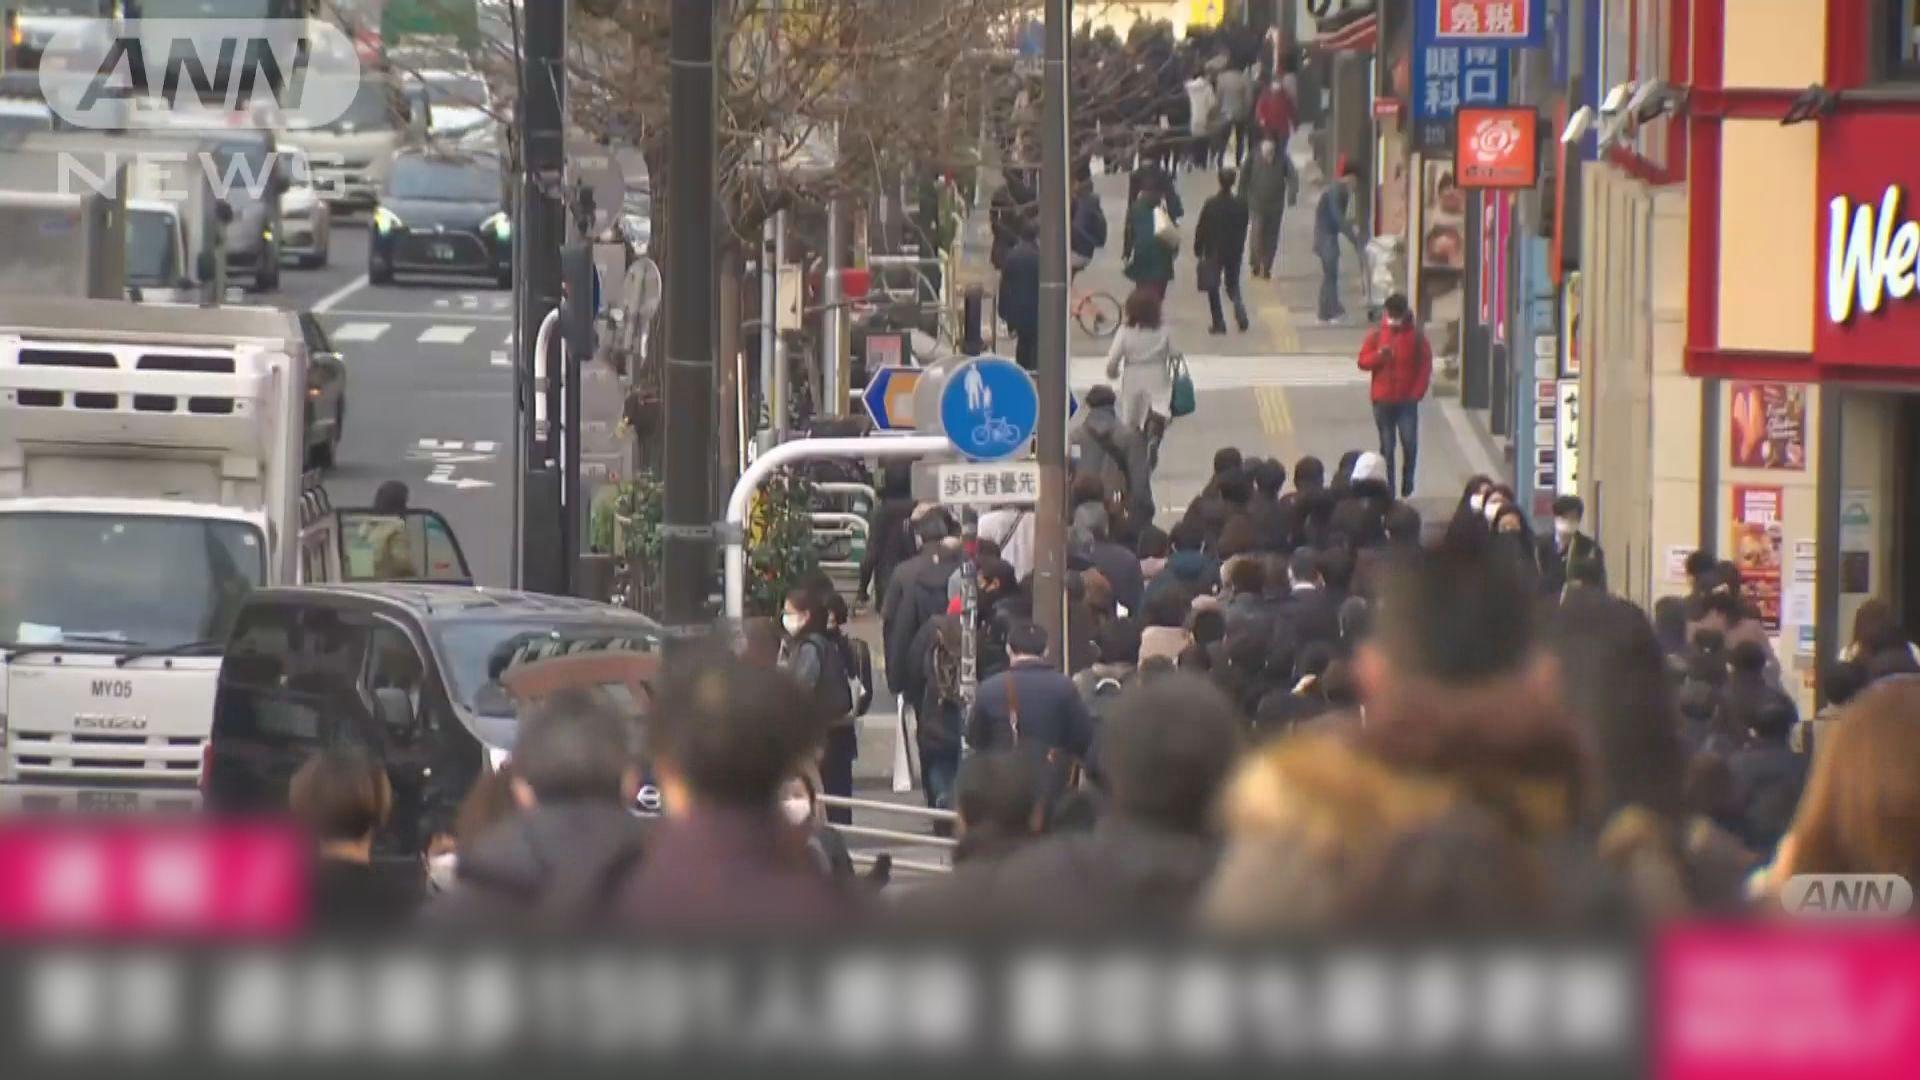 日本增5300宗確診創新高 菅義偉擬向東京都及3縣頒布緊急事態宣言